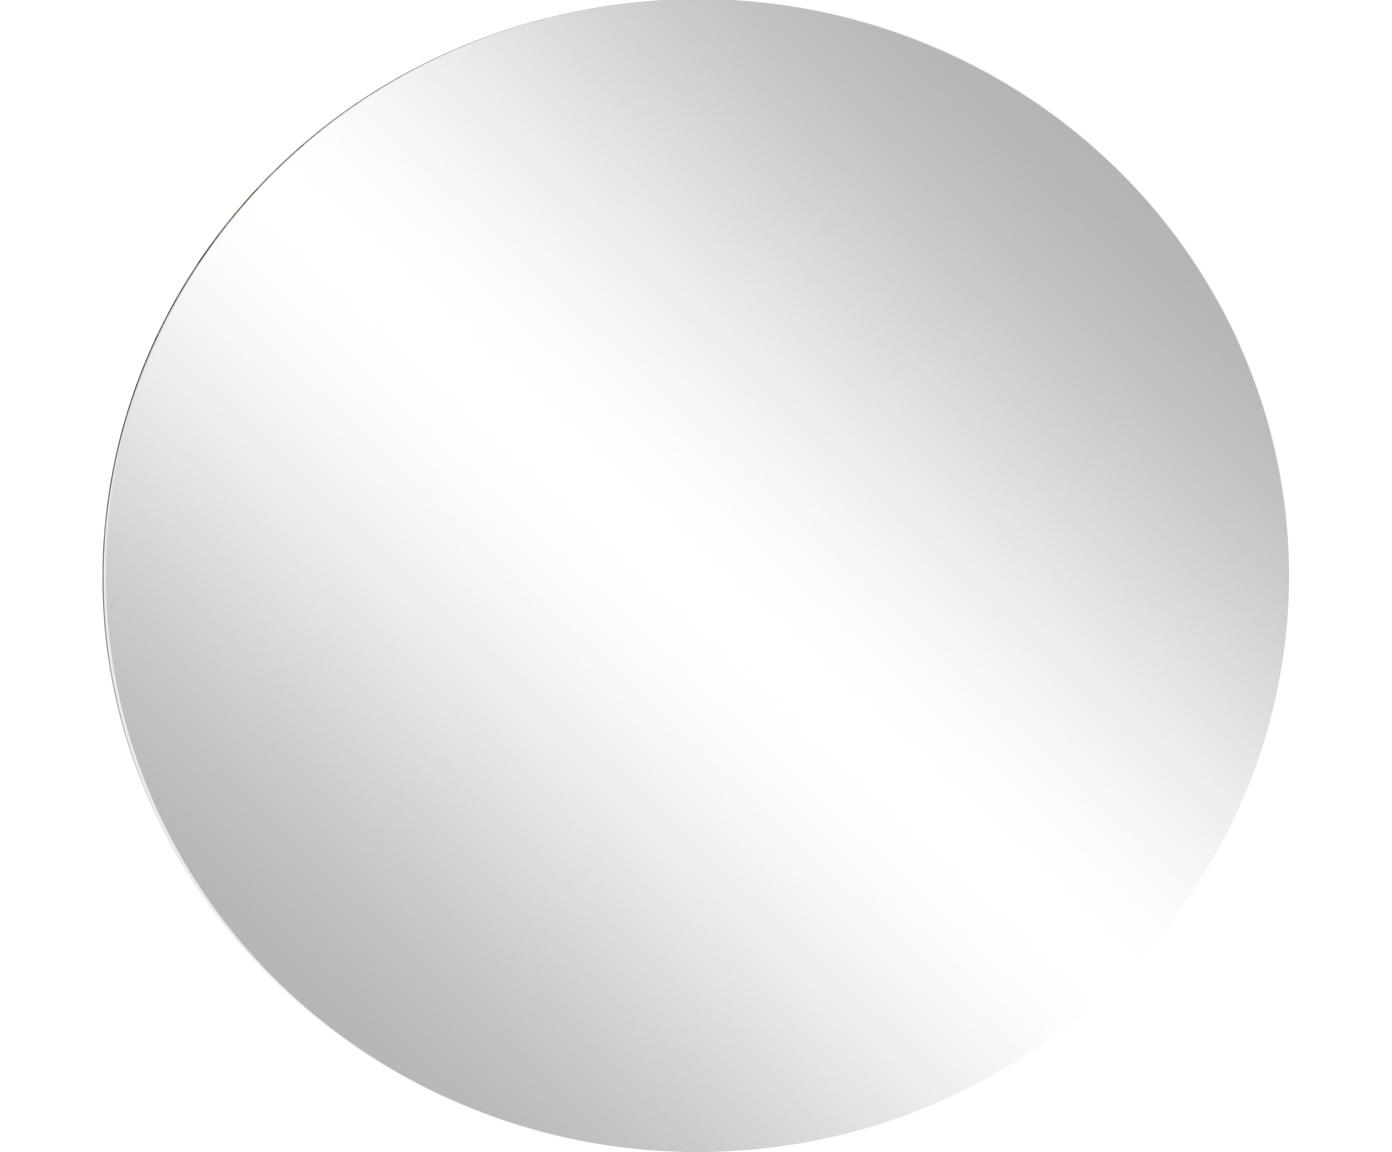 Lustro ścienne Clarion, Szkło, Lustro: szkło lustrzane, S 50 x W 1 cm